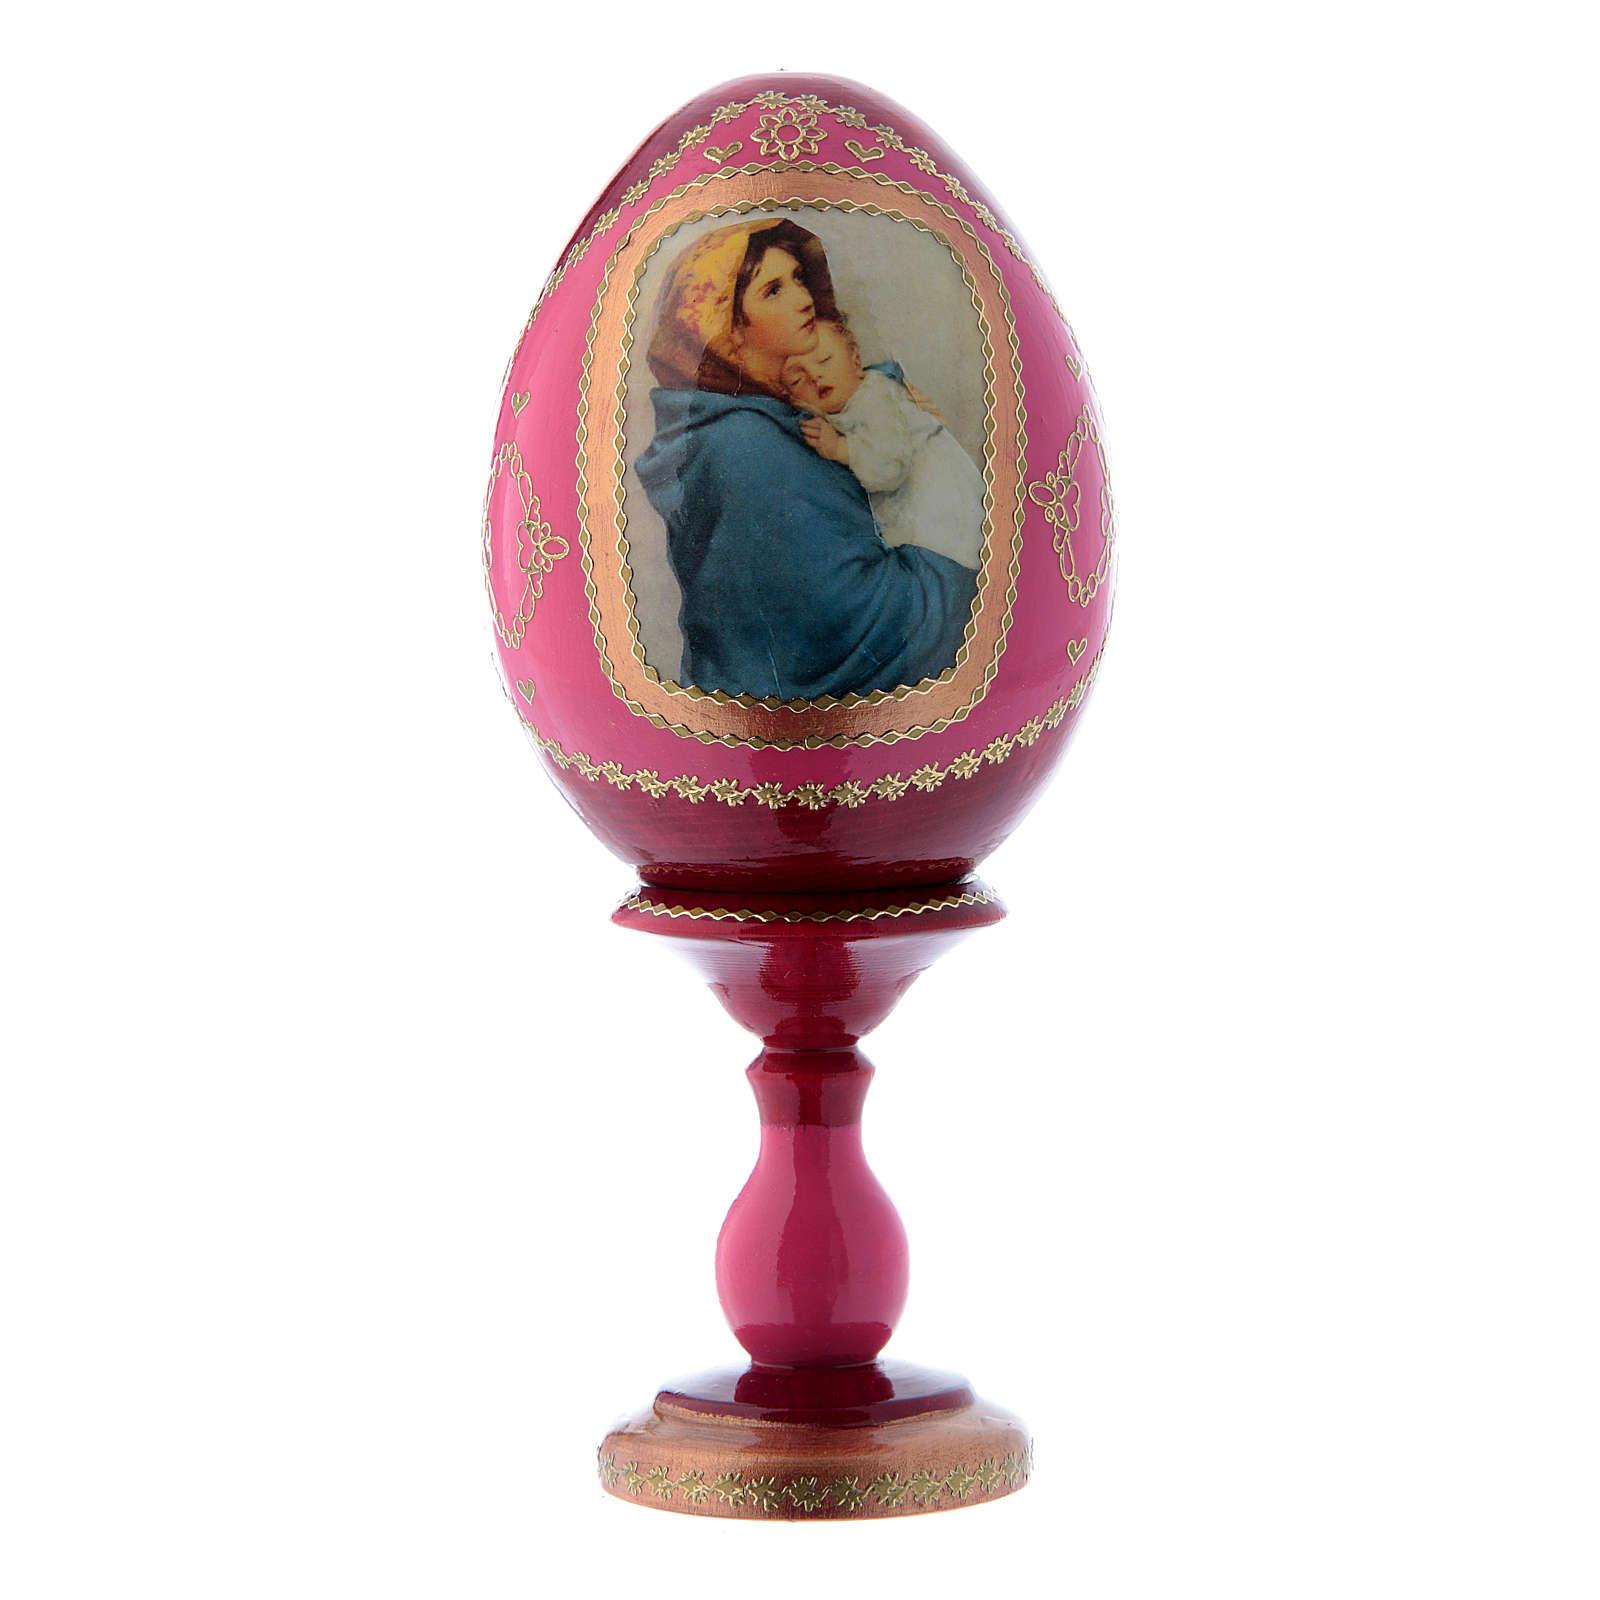 Oeuf rouge en bois russe style Fabergé La Madonnina h tot 16 cm 4